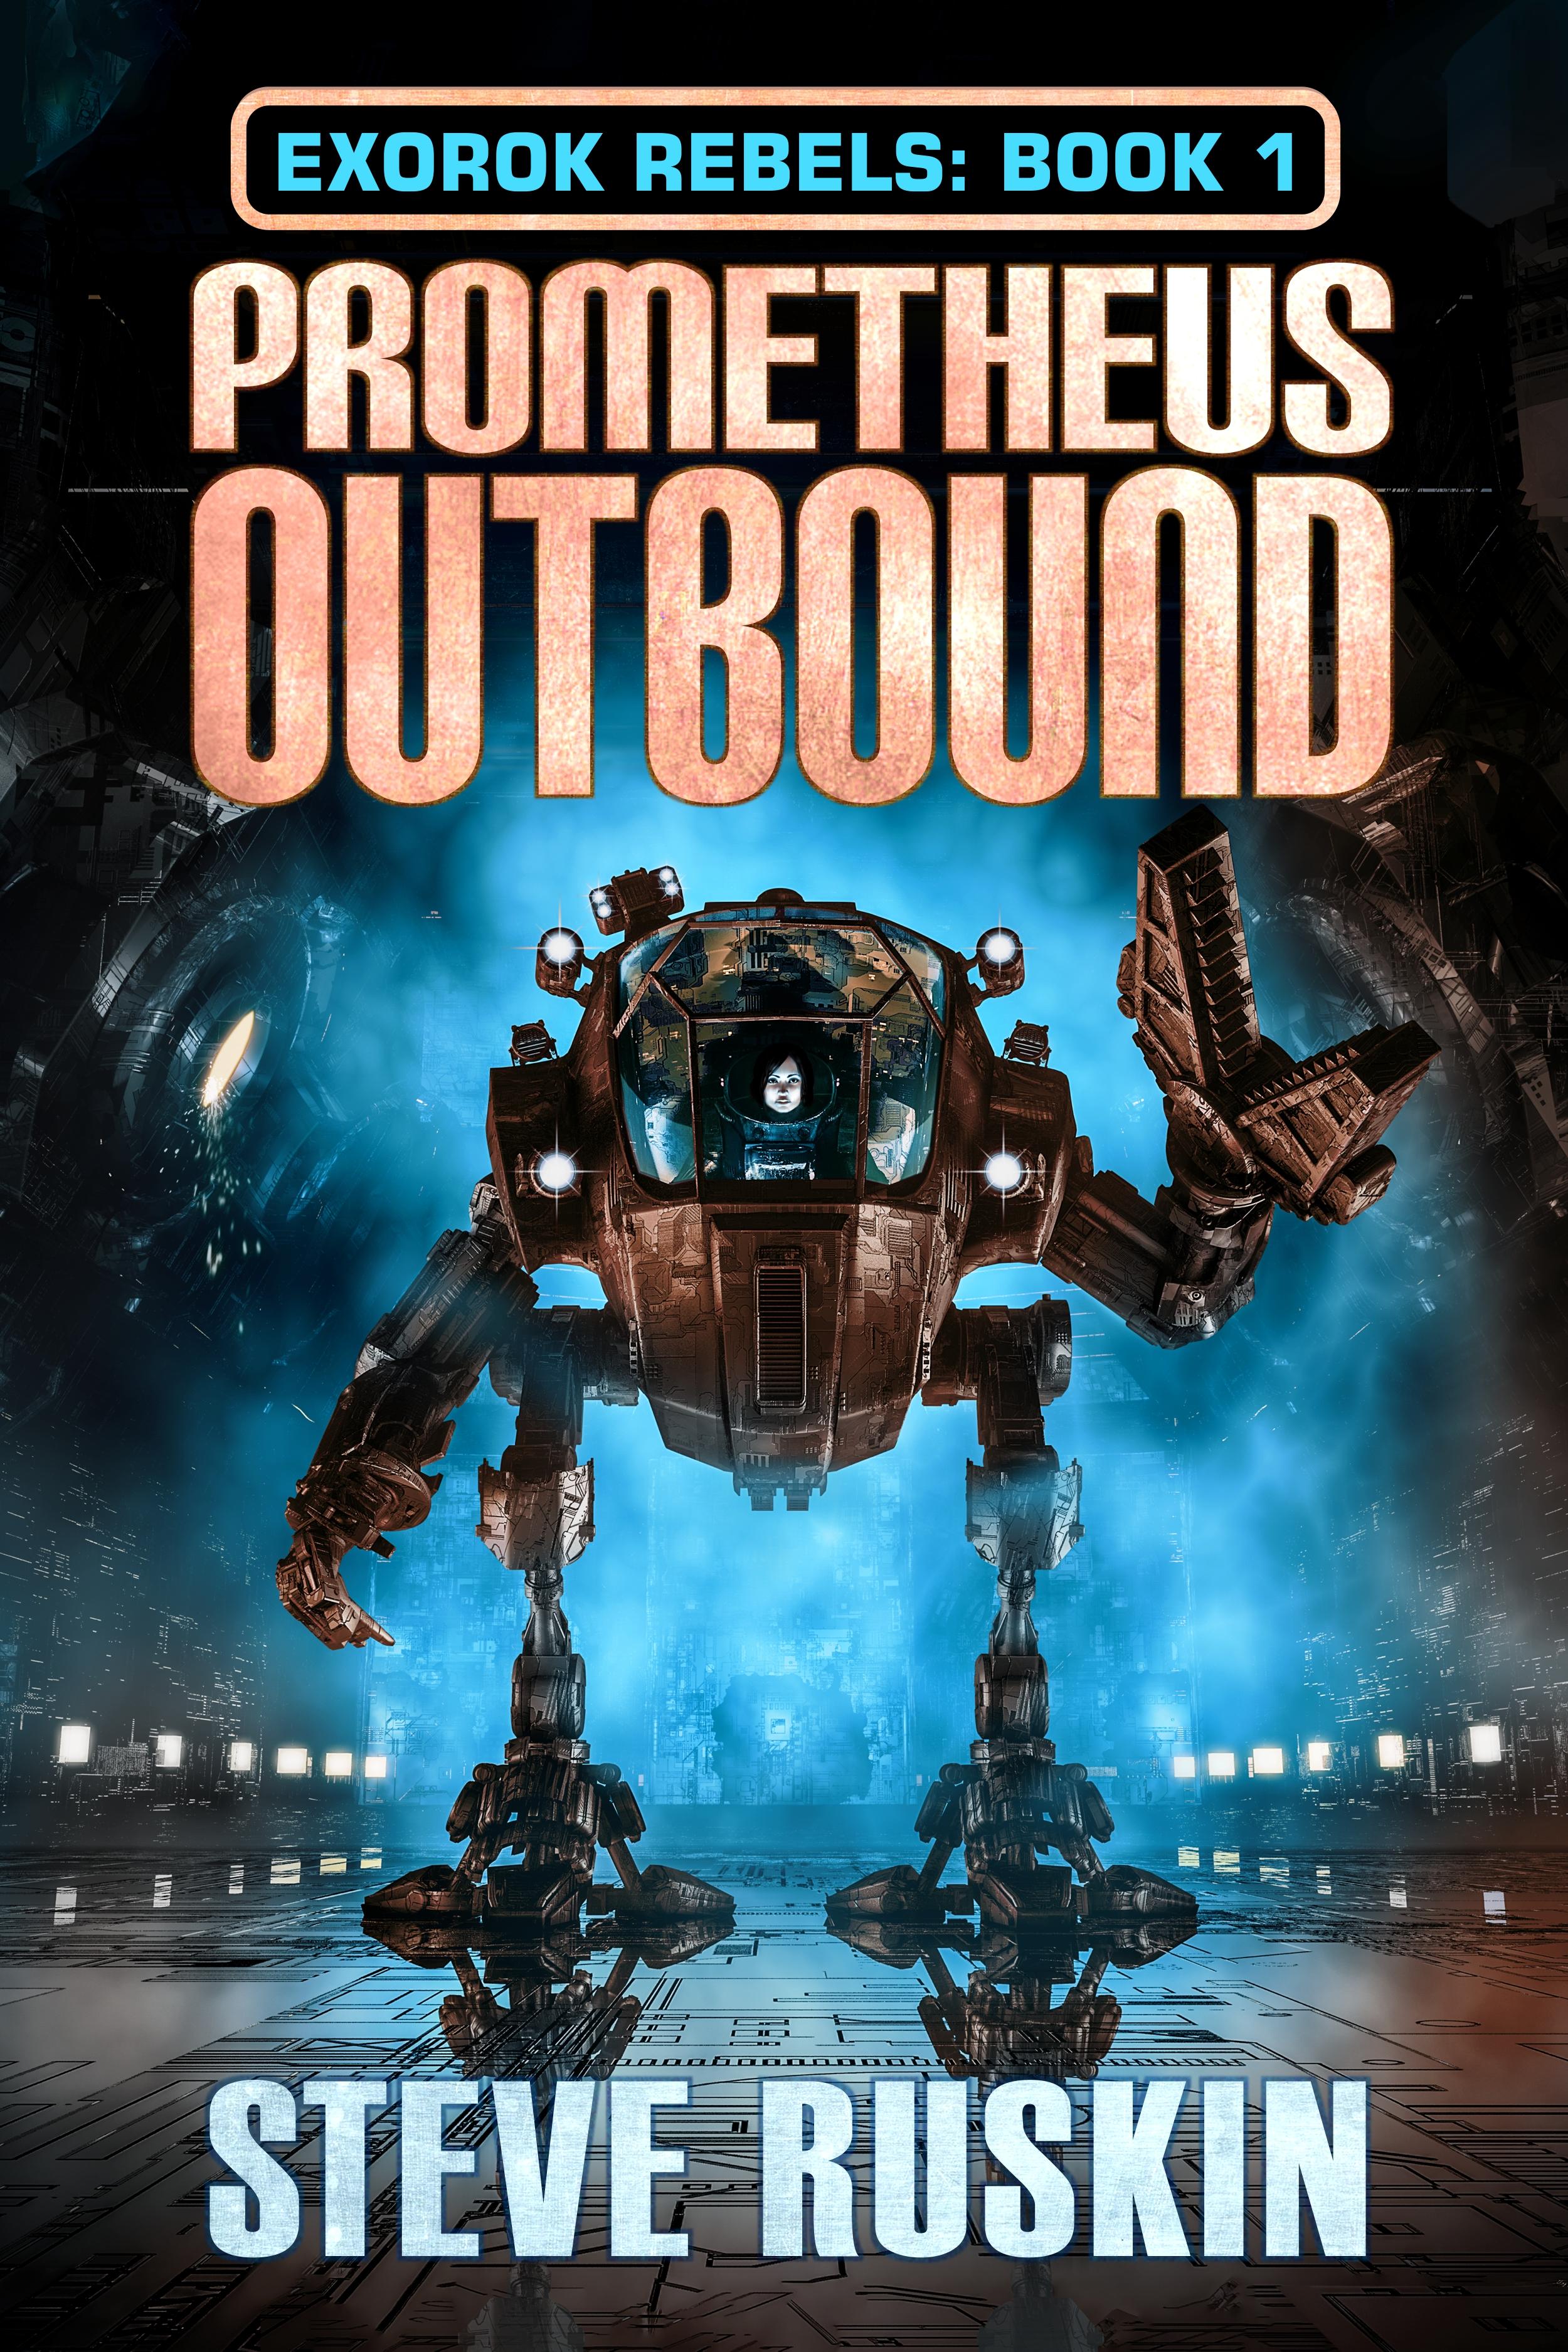 Prometheus Outbound cover design by Corvid Design